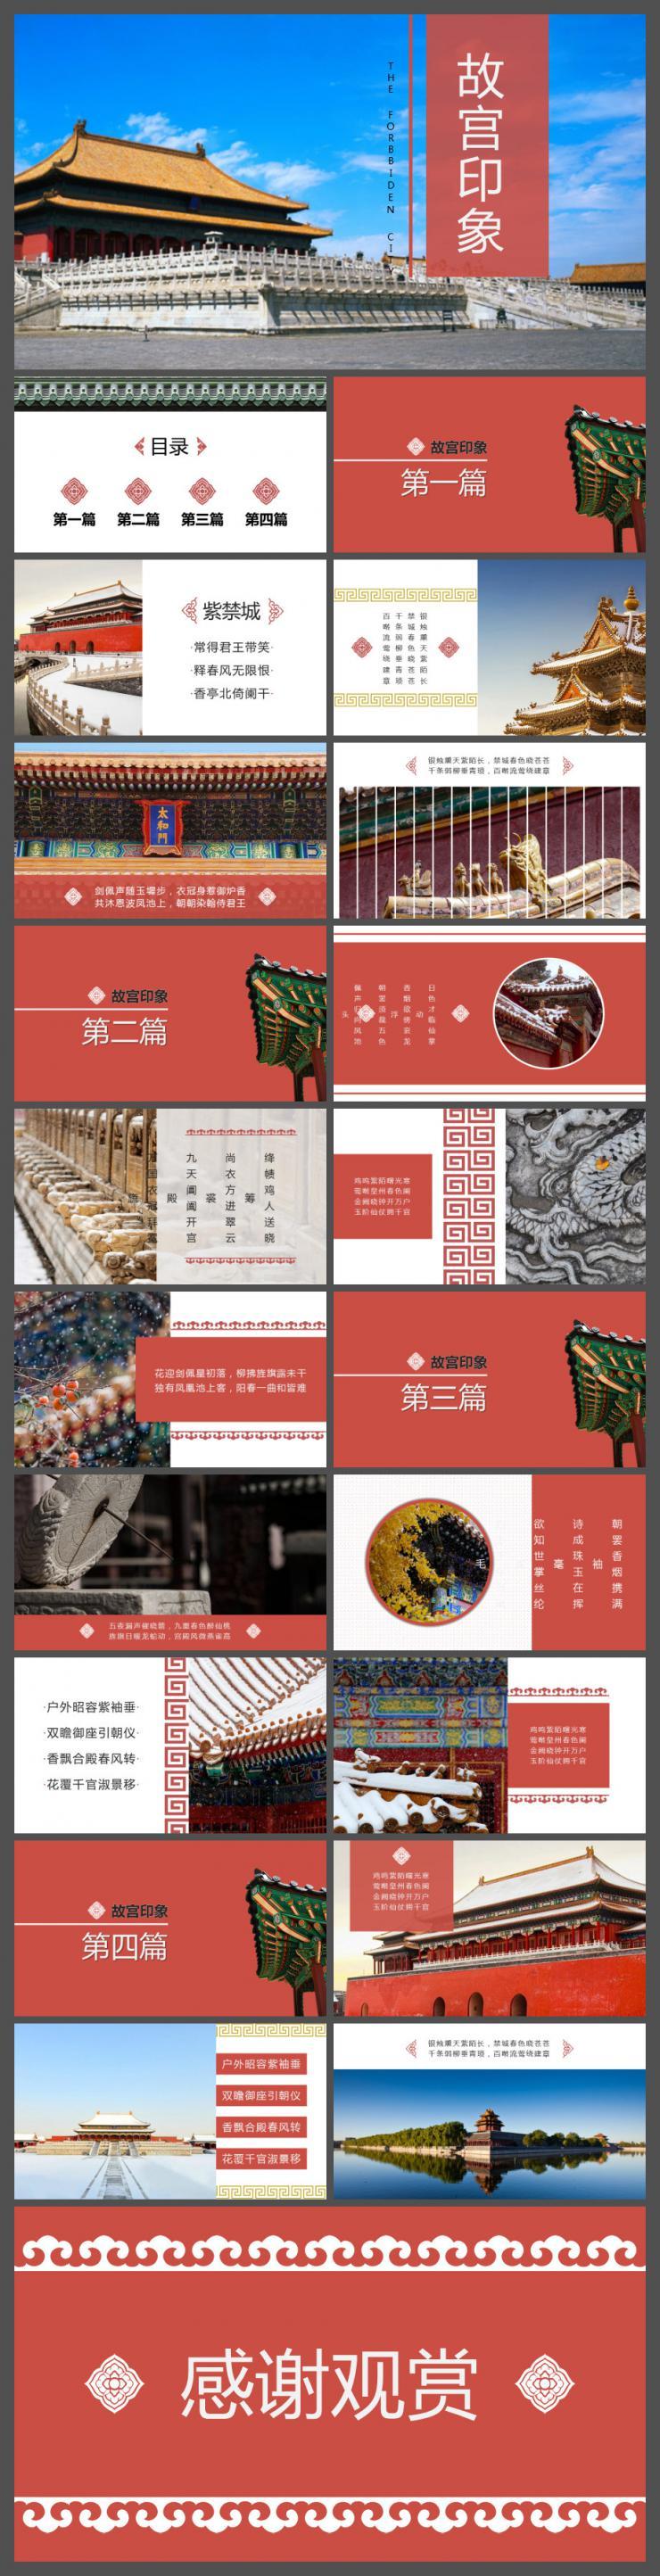 古典中国风故宫印象相册PPT模板